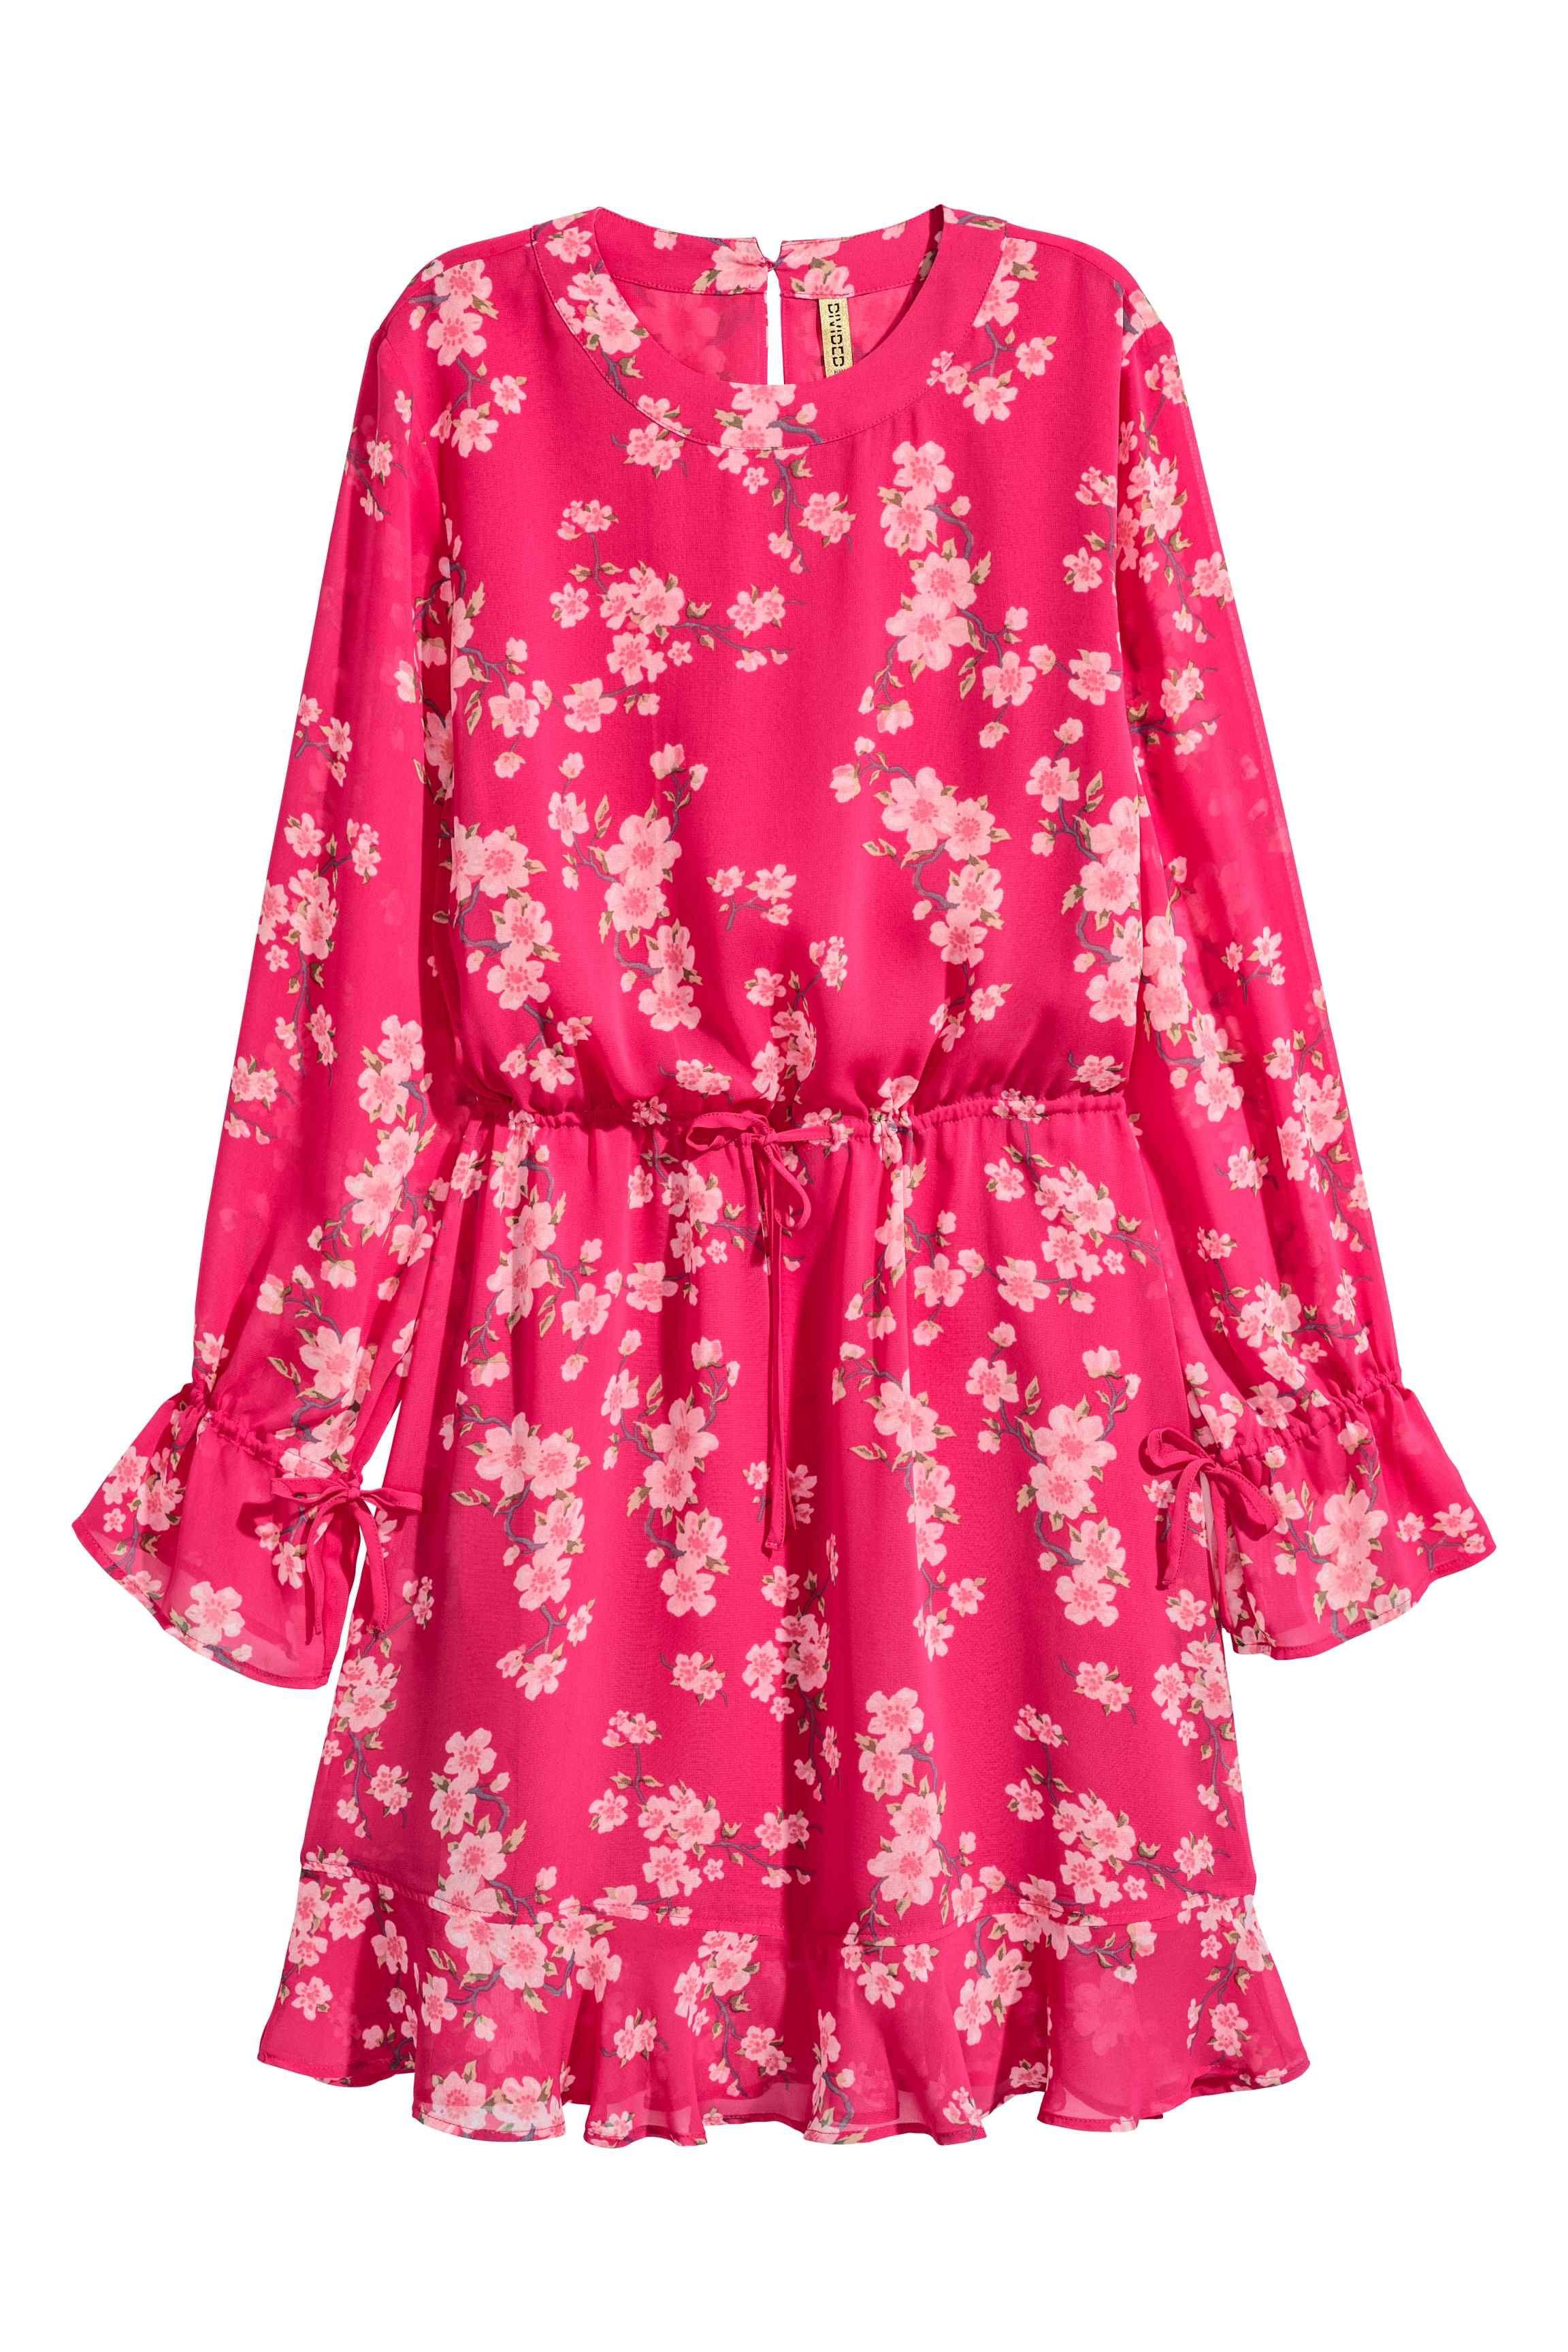 Qué hay de nuevo en Zara, Mango y H&M - Novedades en las tiendas low ...